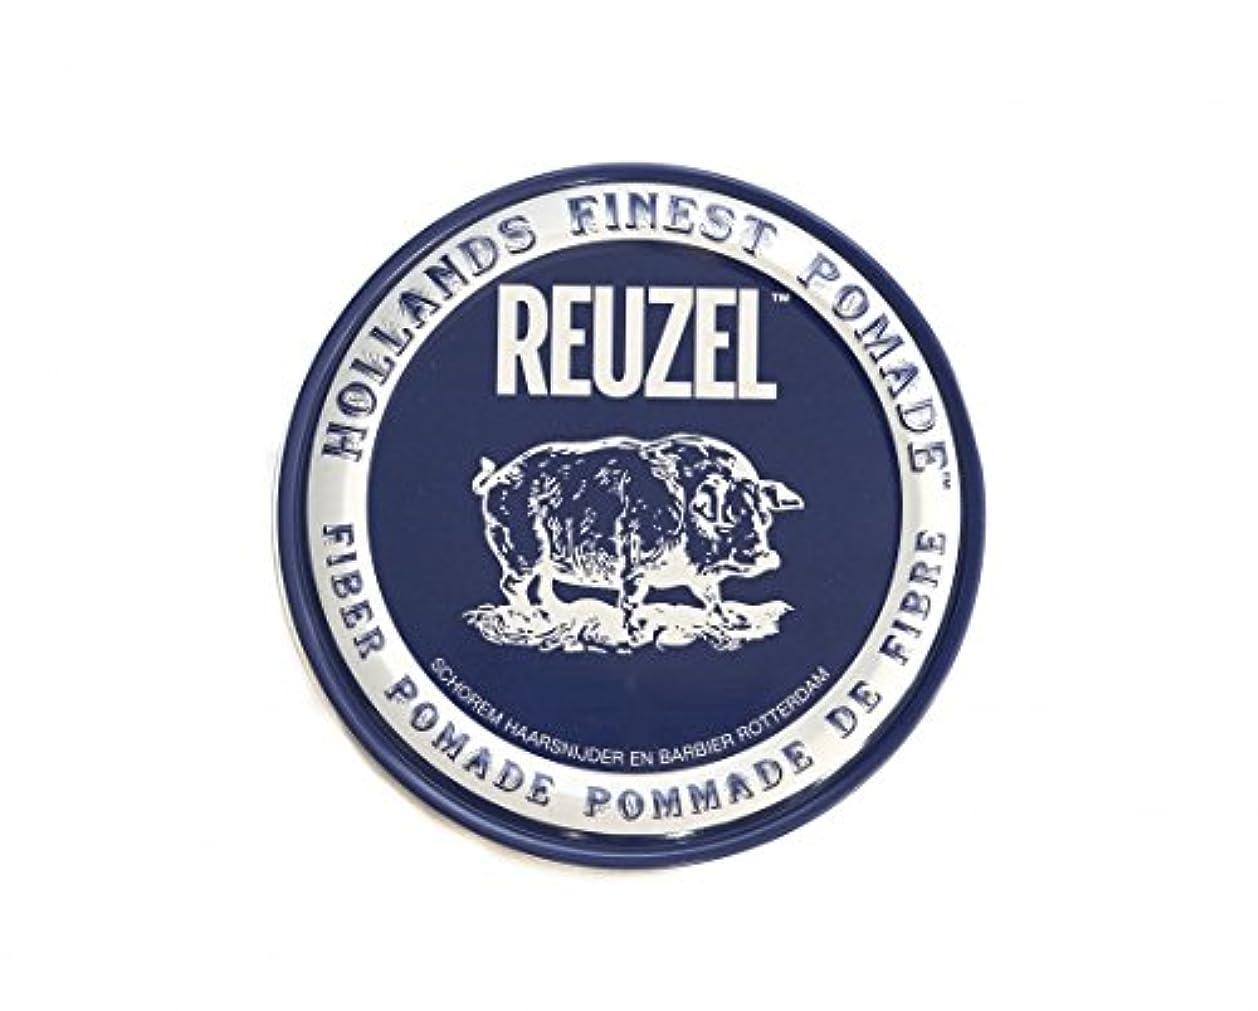 感嘆明るくするテープルーゾー REUZEL FIBER ファイバー ポマード ネイビー 340g